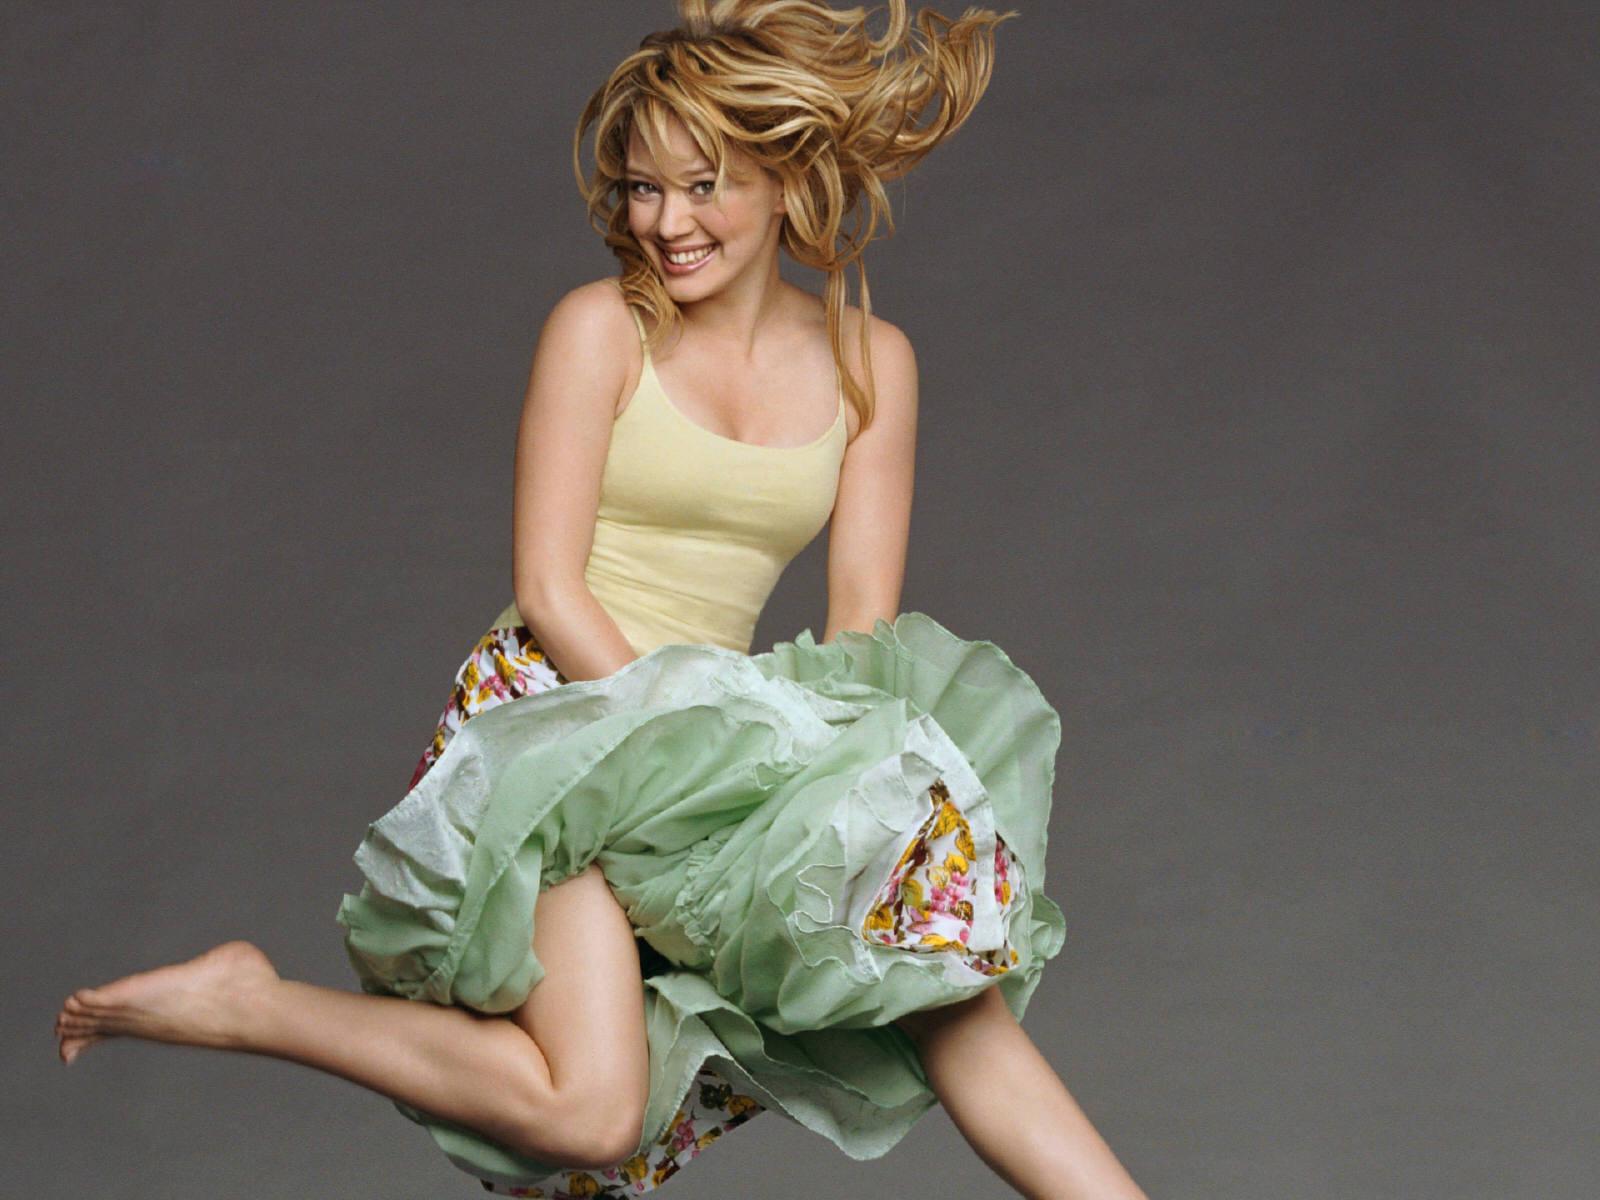 http://4.bp.blogspot.com/-kP_3aR8T3cI/TyQ4XuevOvI/AAAAAAAACFE/3hVOQI_M_AE/s1600/Hilary-Duff-pictures-desktop-Wallpapers-HD-photo-images-13.jpg